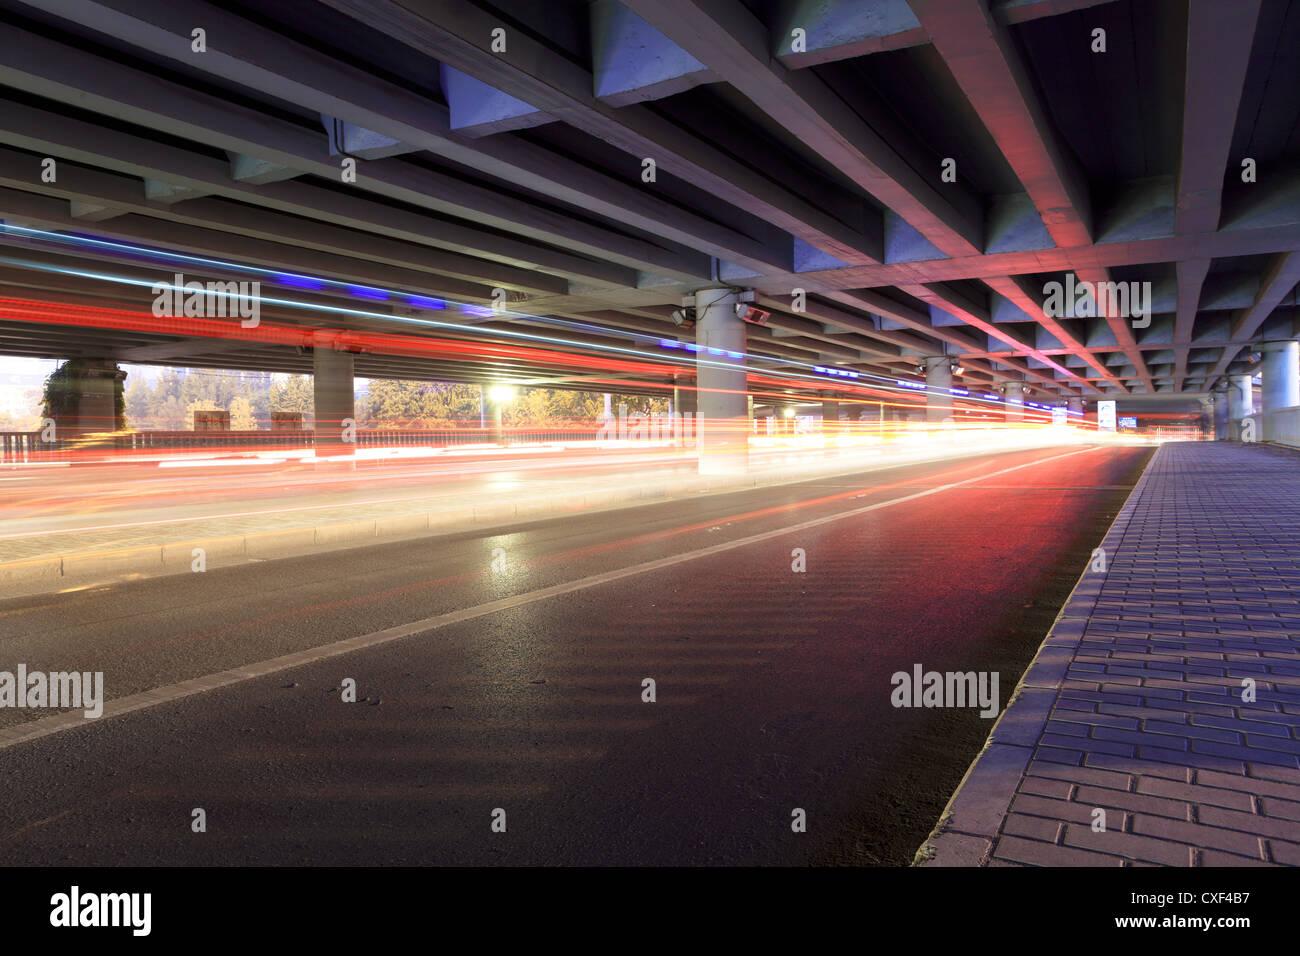 Traffico sotto il viadotto Immagini Stock